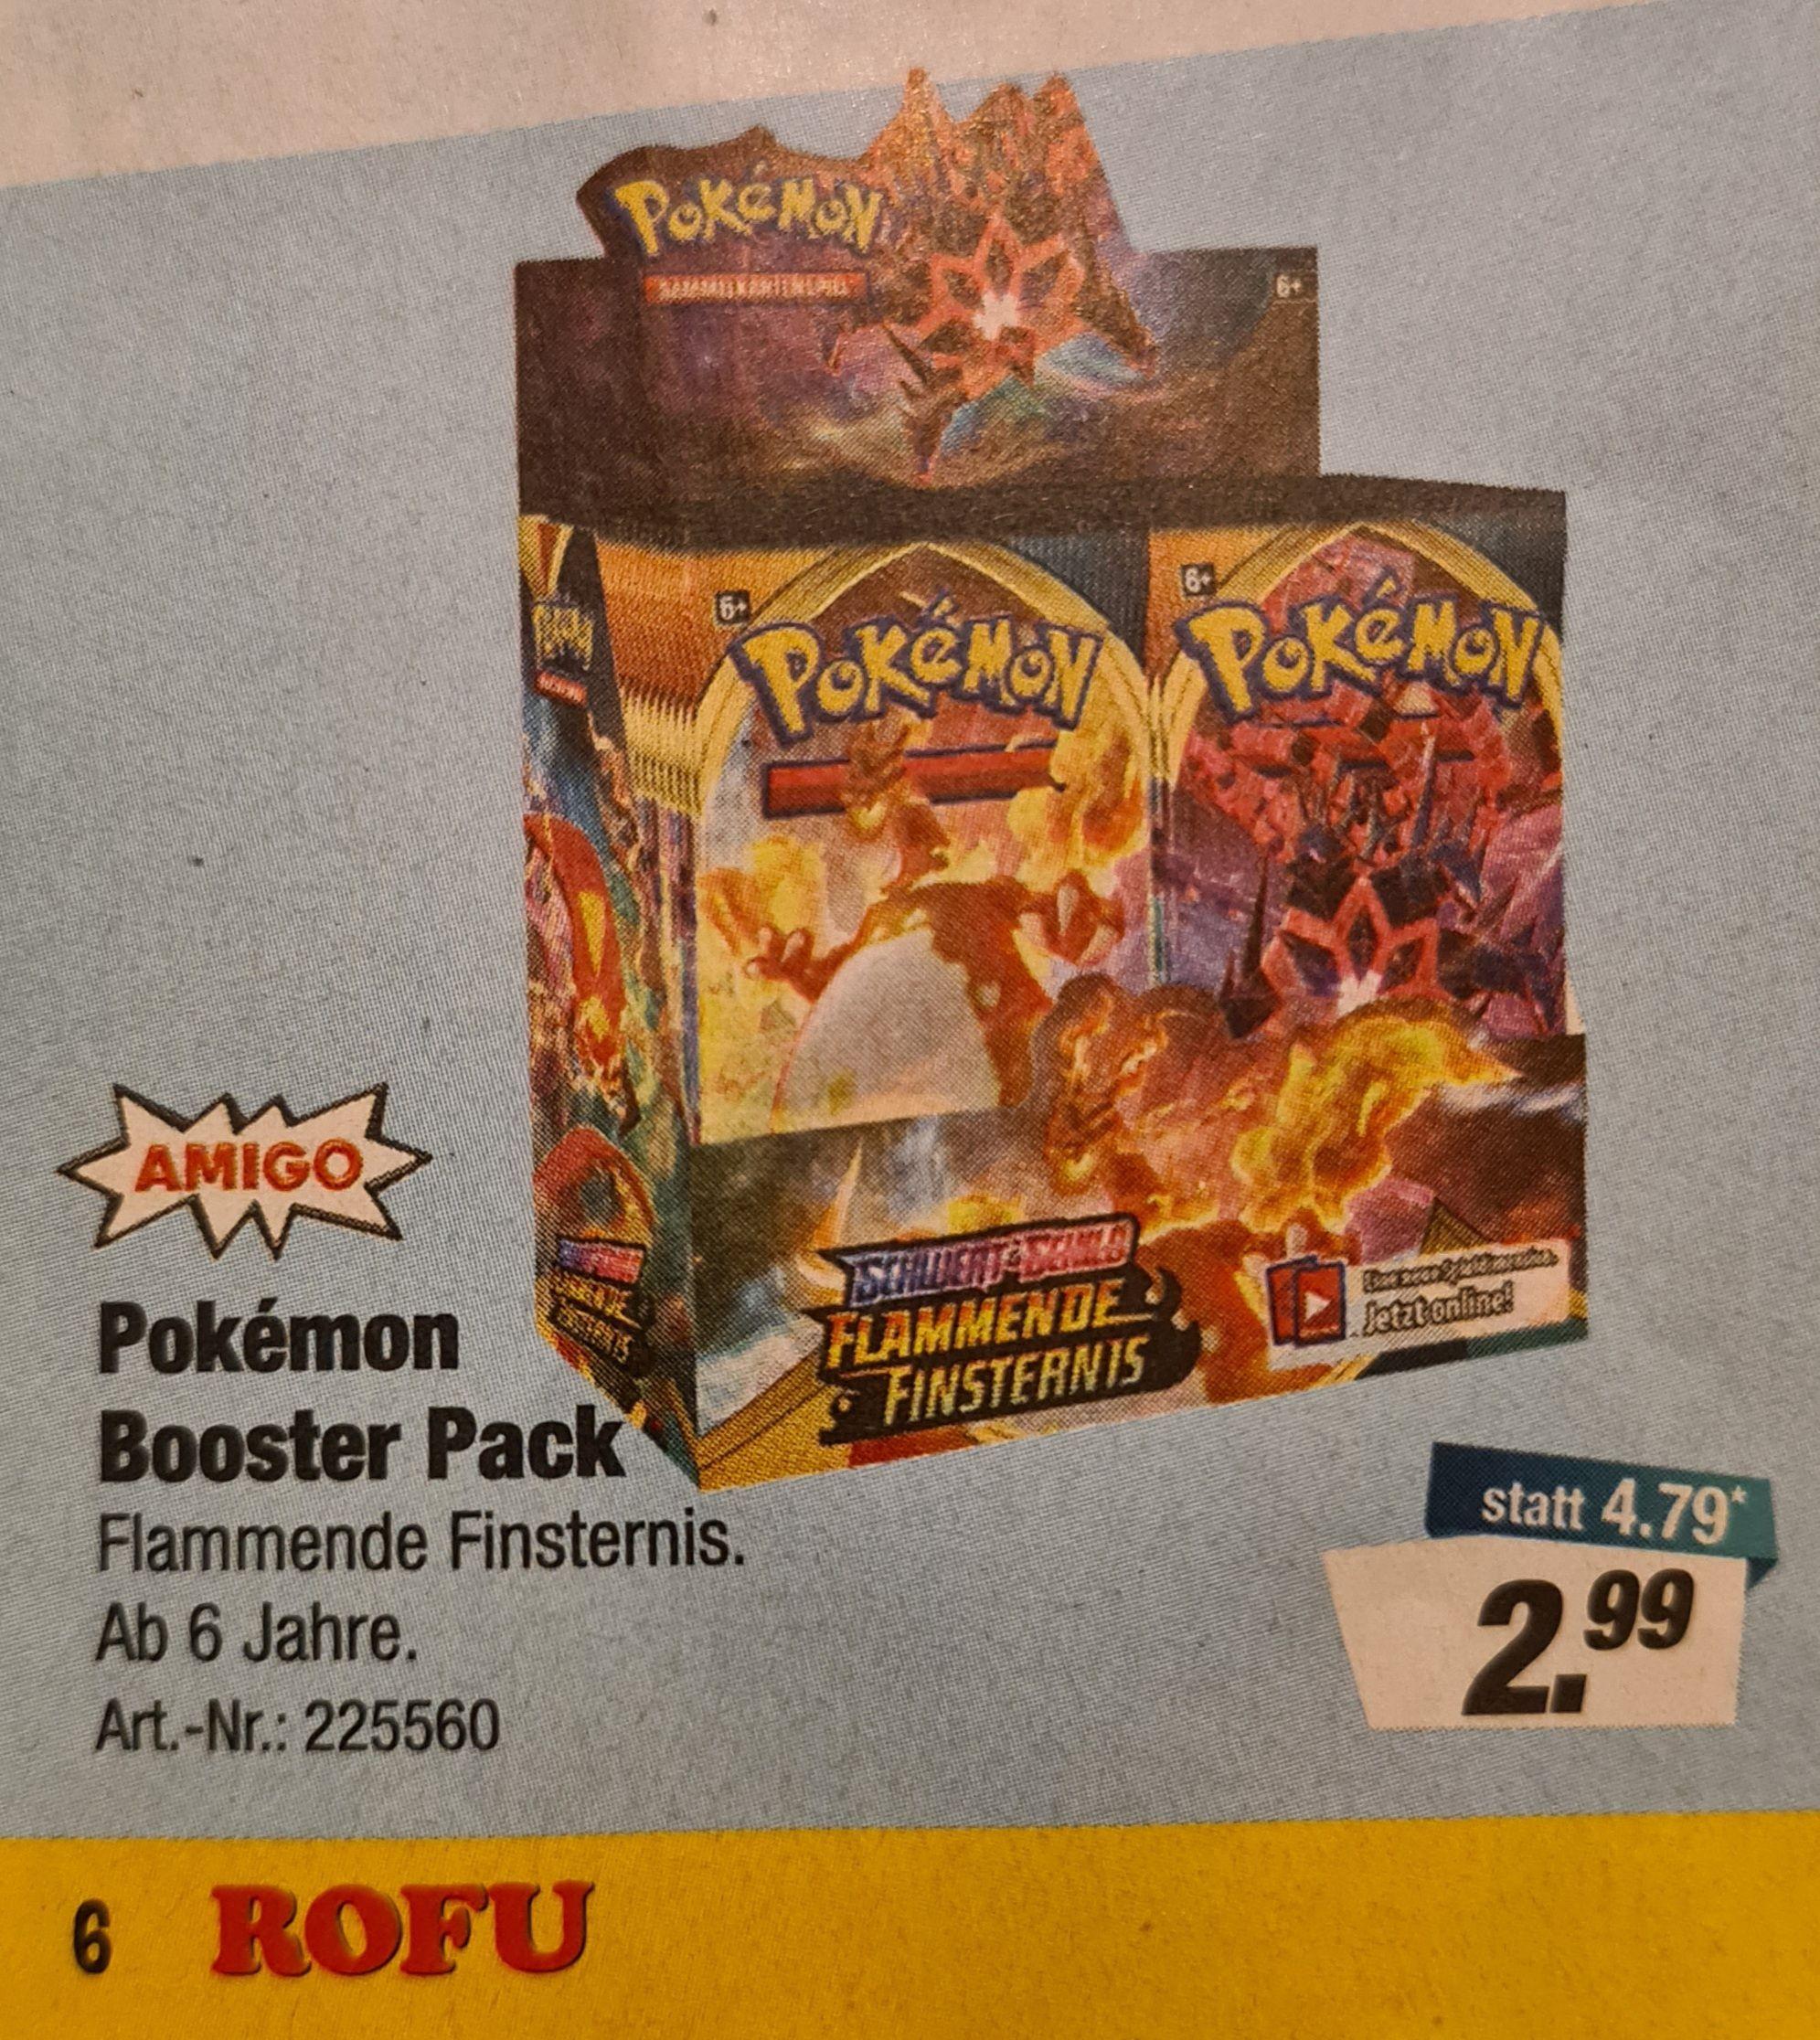 [Rofu] Pokémon Flammende Finsternis Booster Packs für 2,99€